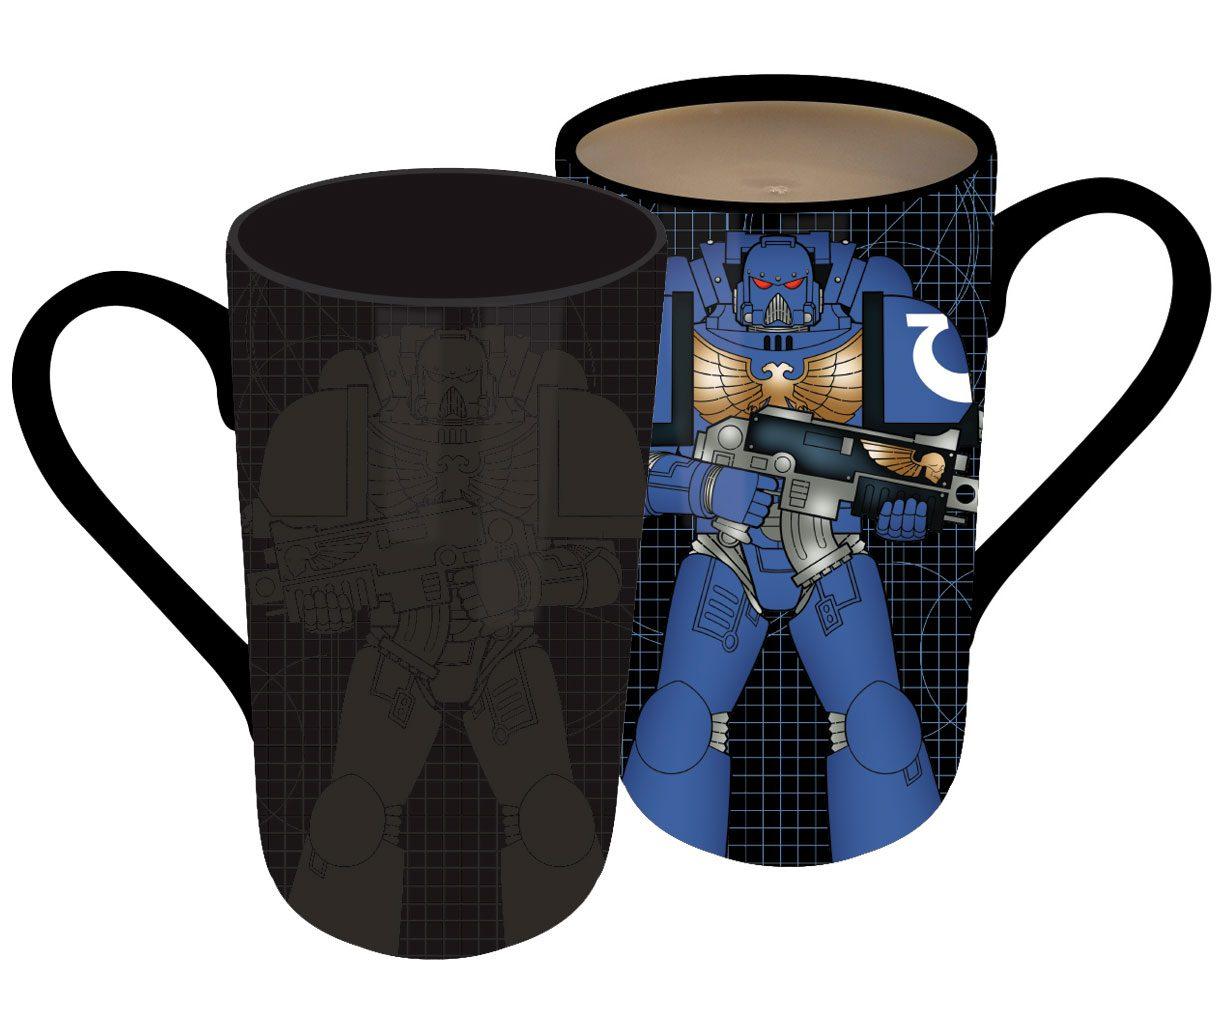 Warhammer Heat Change Latte-Macchiato Mug Space Marine